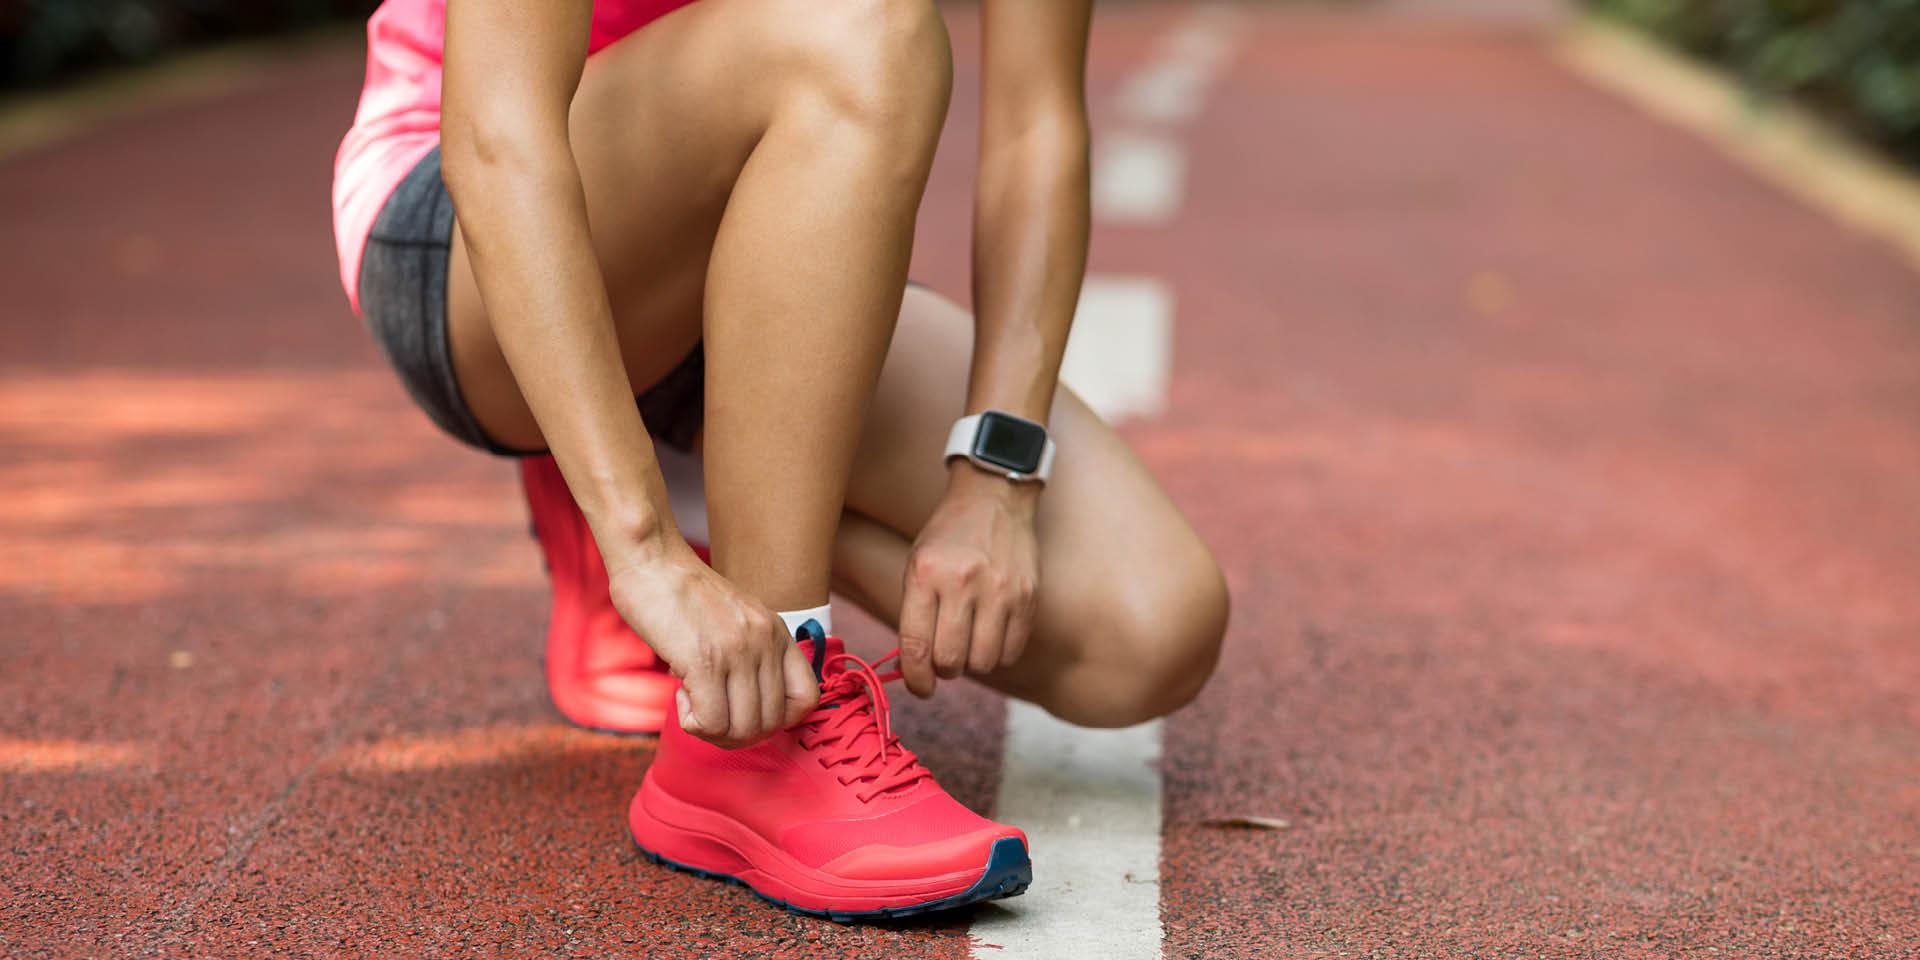 EIne Läuferin schnürt sich auf einer Tartanbahn pinke Laufschuhe zu und trägt dabei eine Smartwatch am Arm.